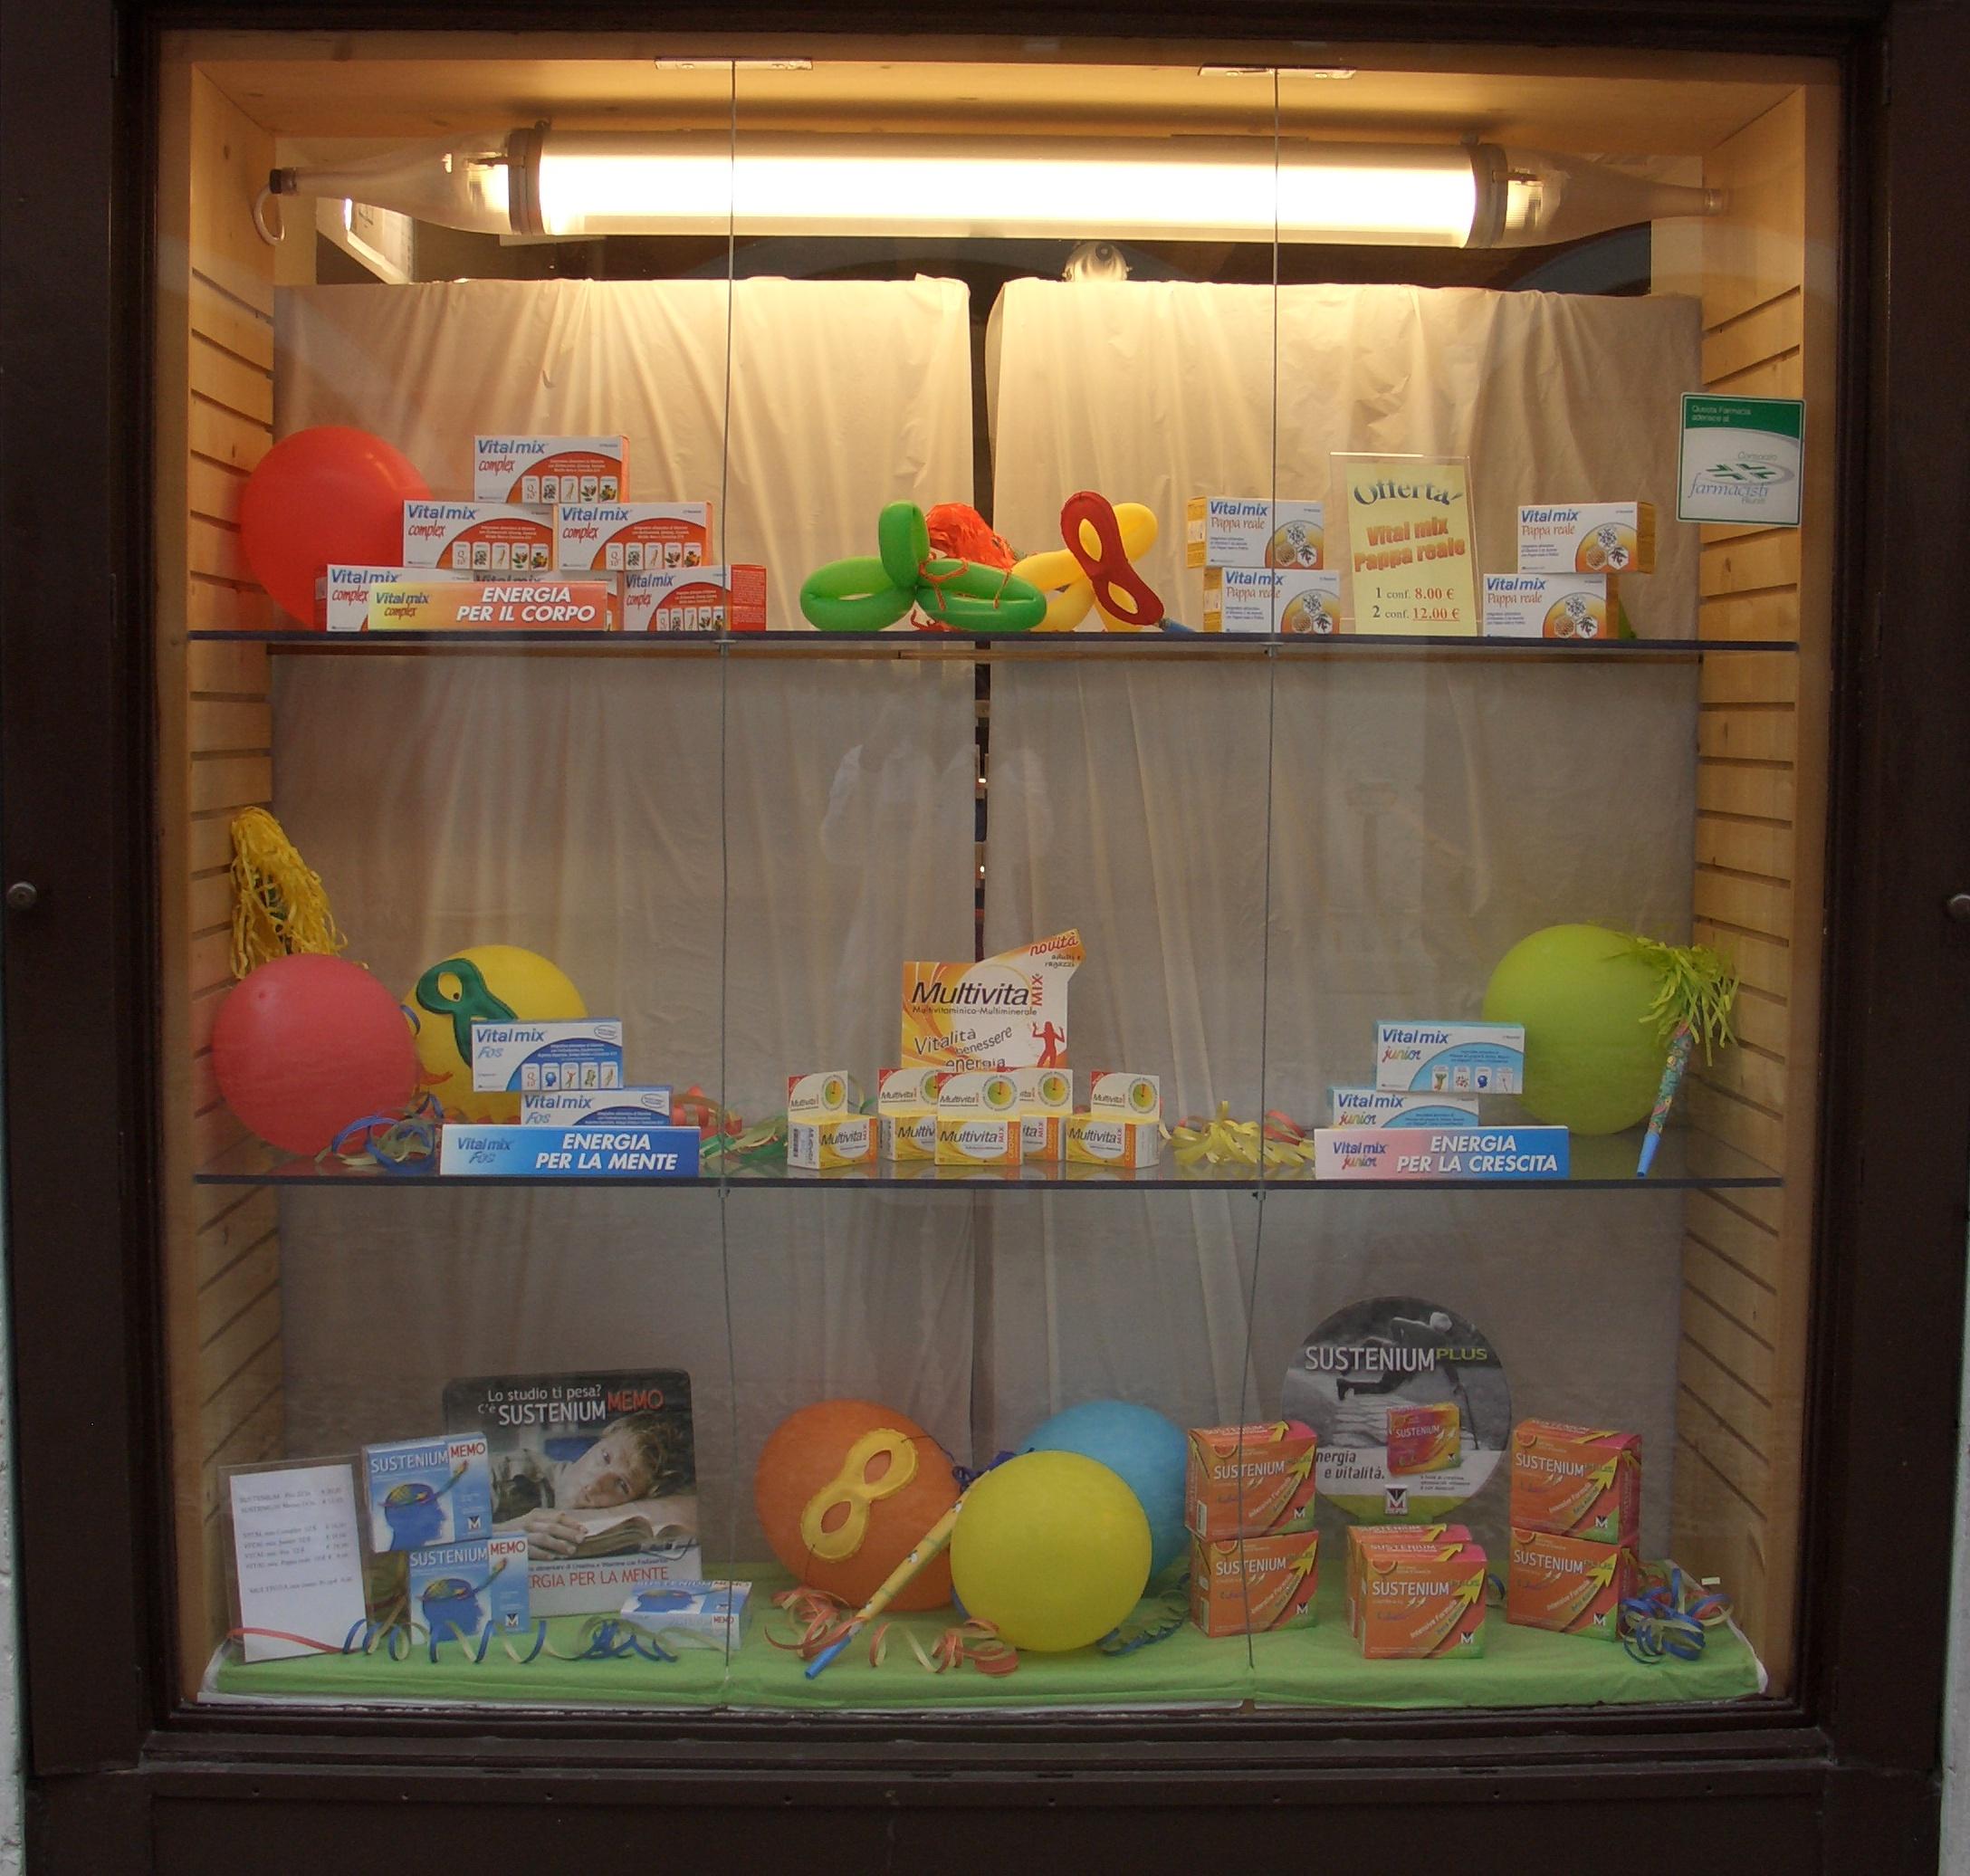 Favoloso Le vetrine   Farmacia Santorini YU46